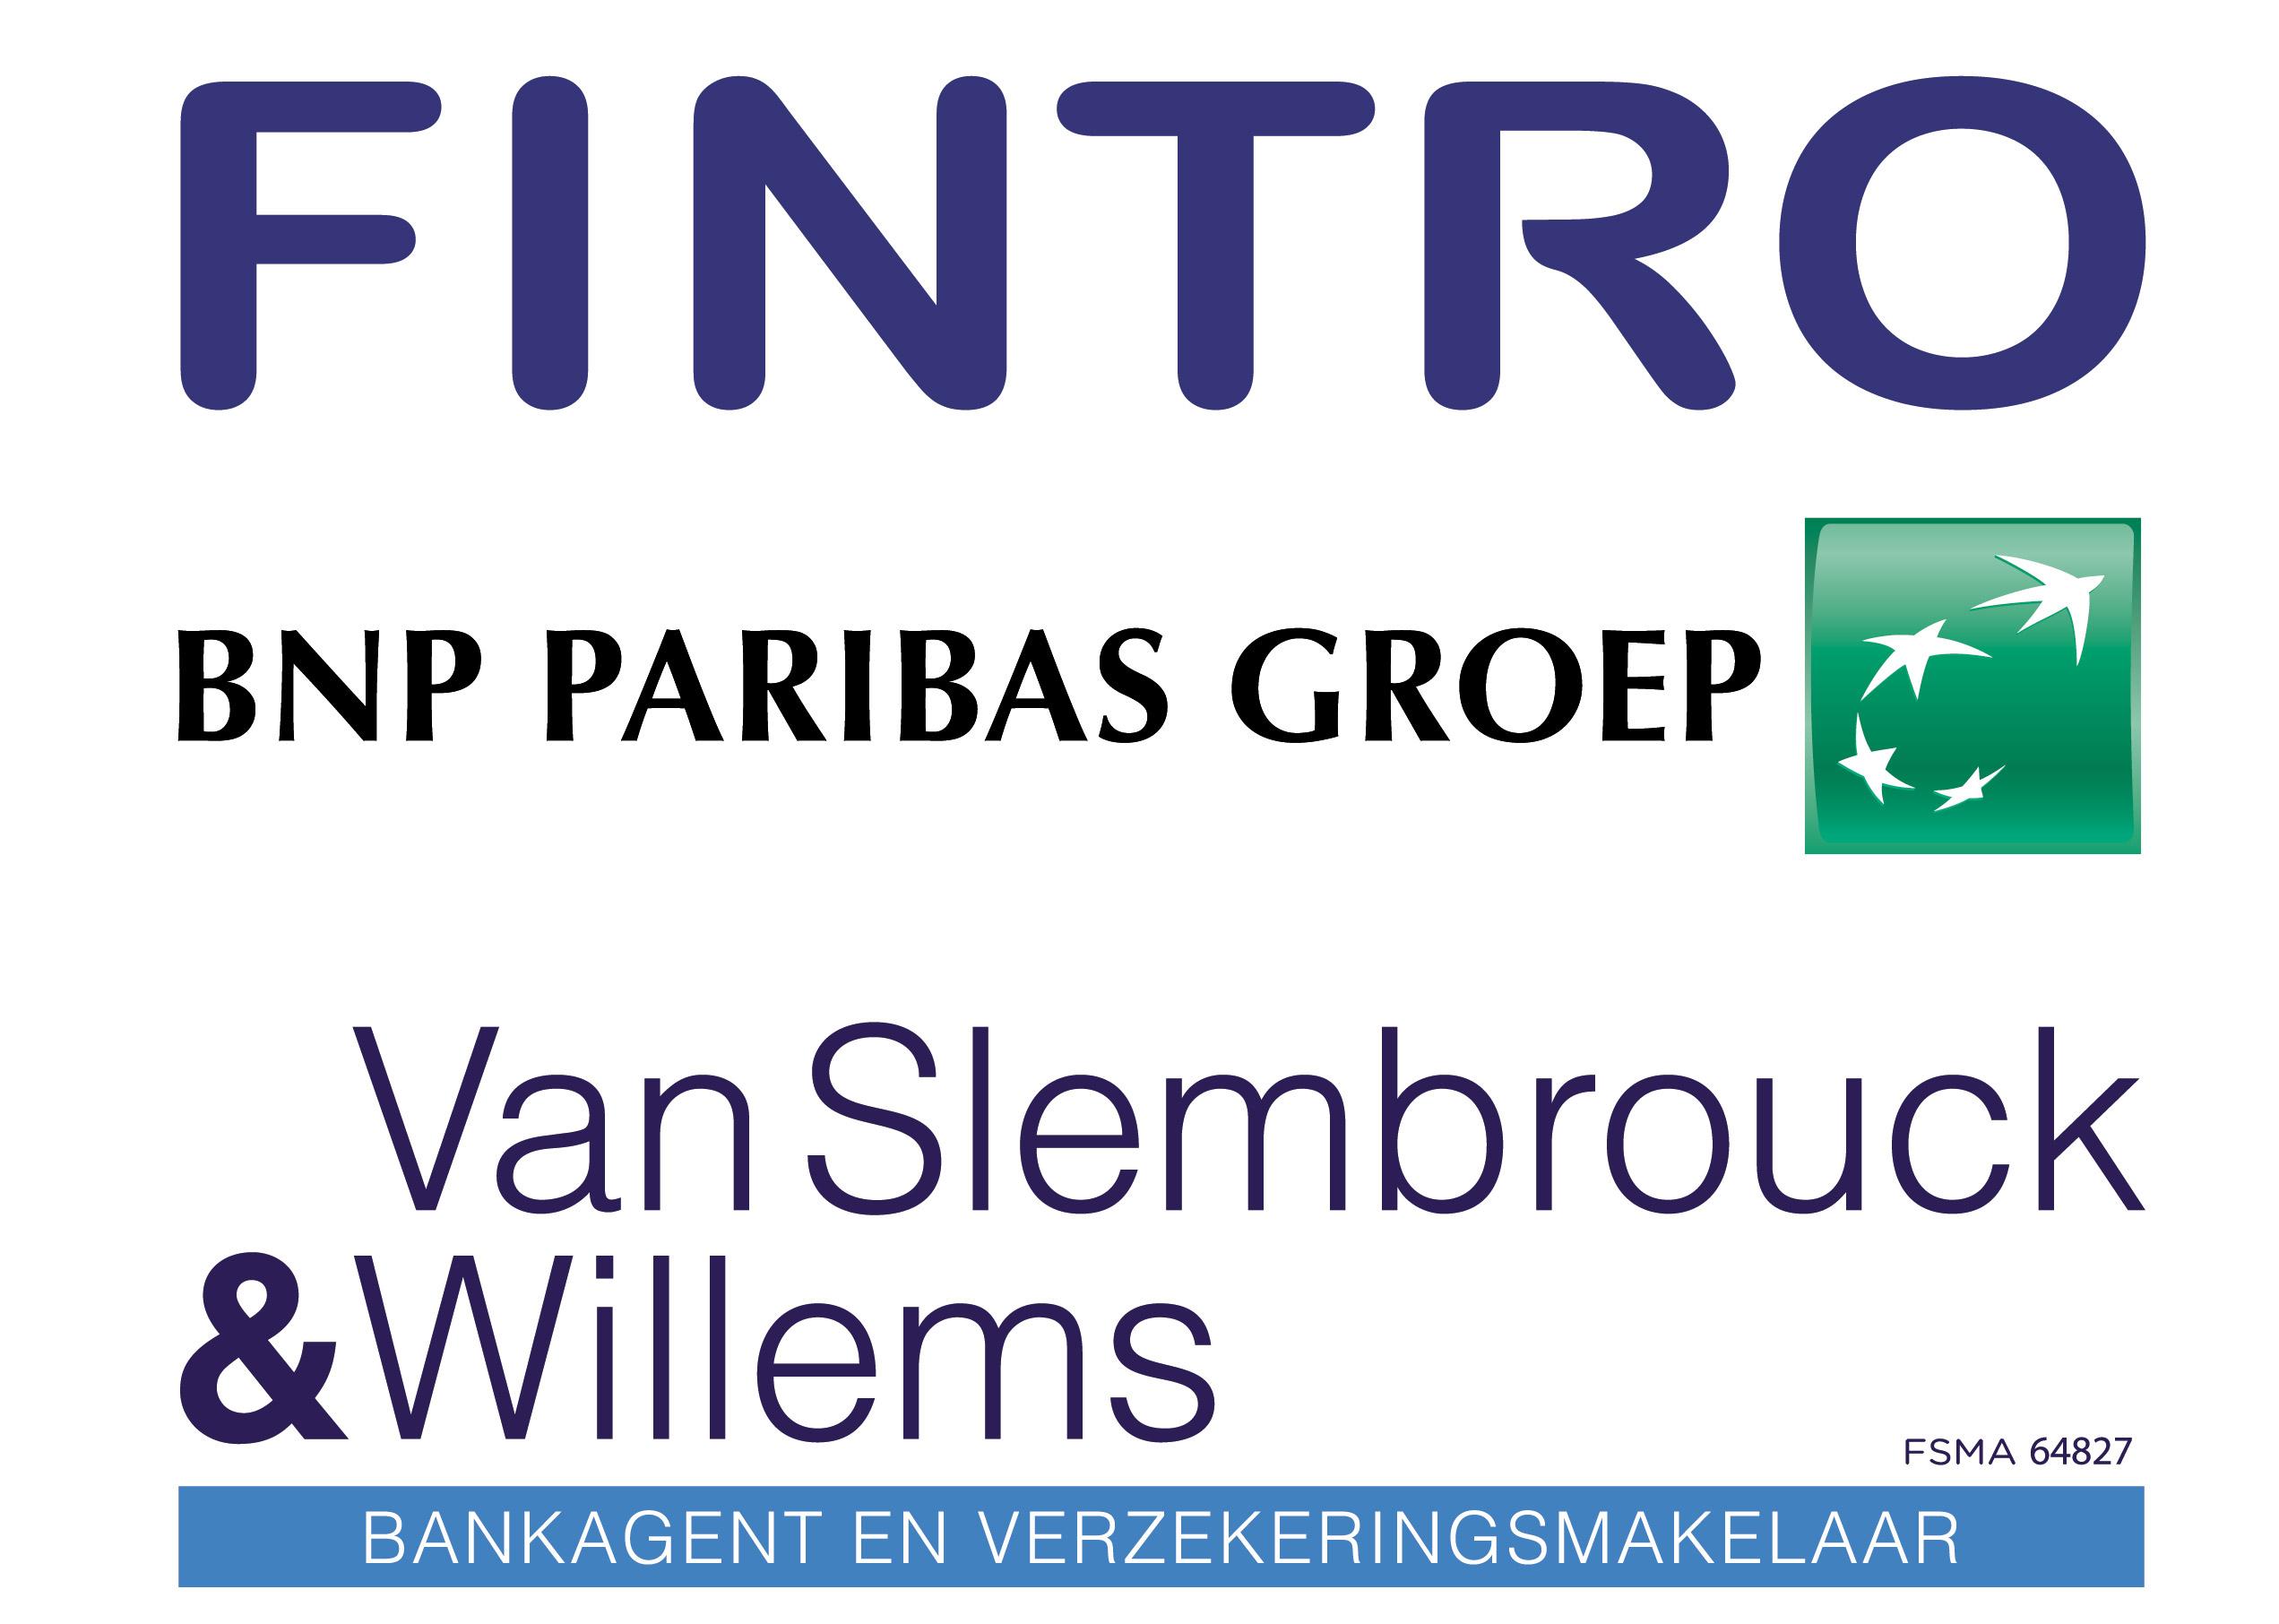 Logo Van Slembrouck Bank & Verzekeringen